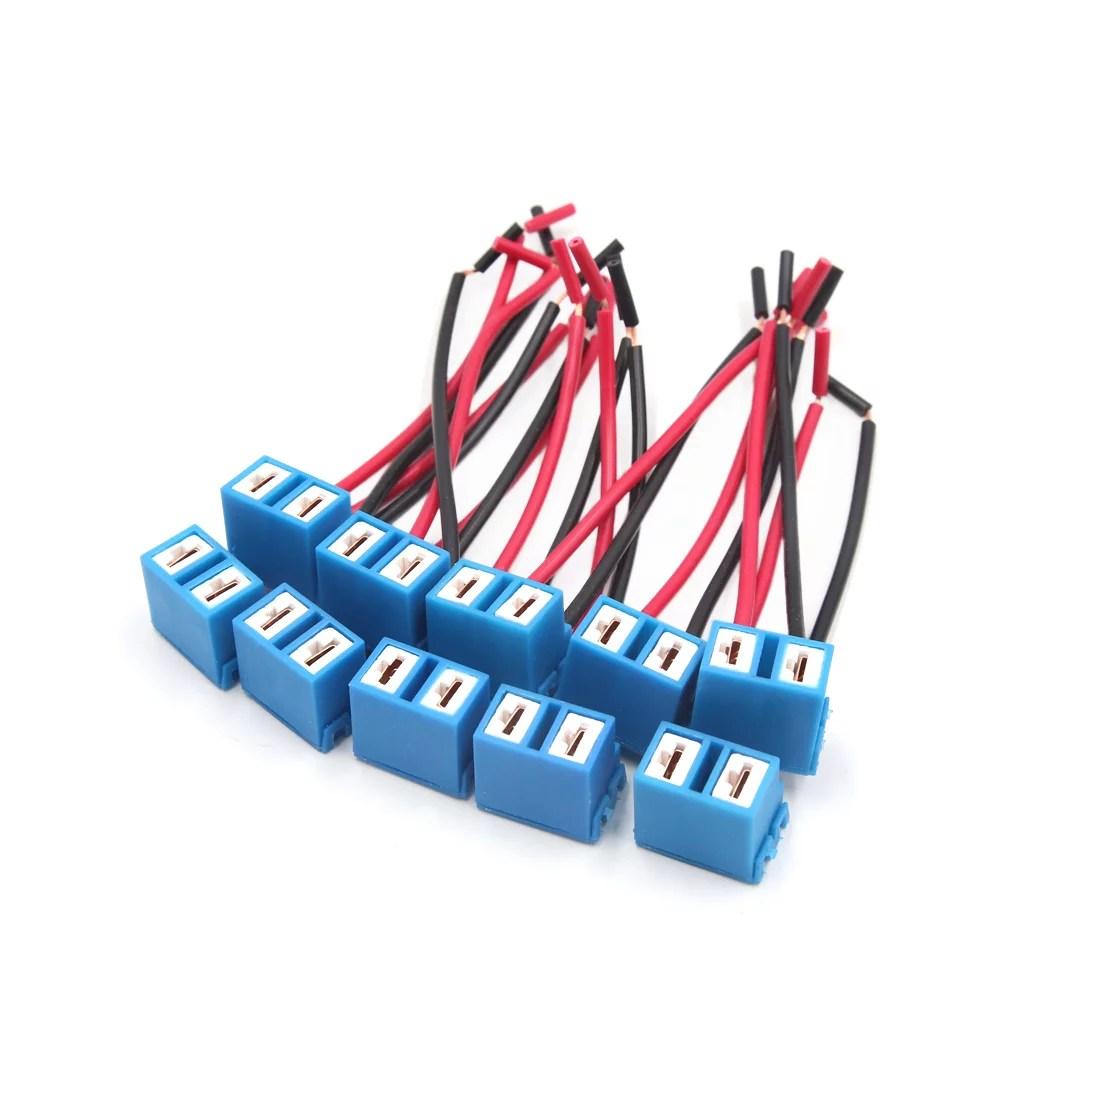 10pcs ceramic car h7 headlight fog lamp wiring harness socket rh walmart ca 2006 nissan 350z headlight wire harness headlight plug wiring [ 1100 x 1100 Pixel ]